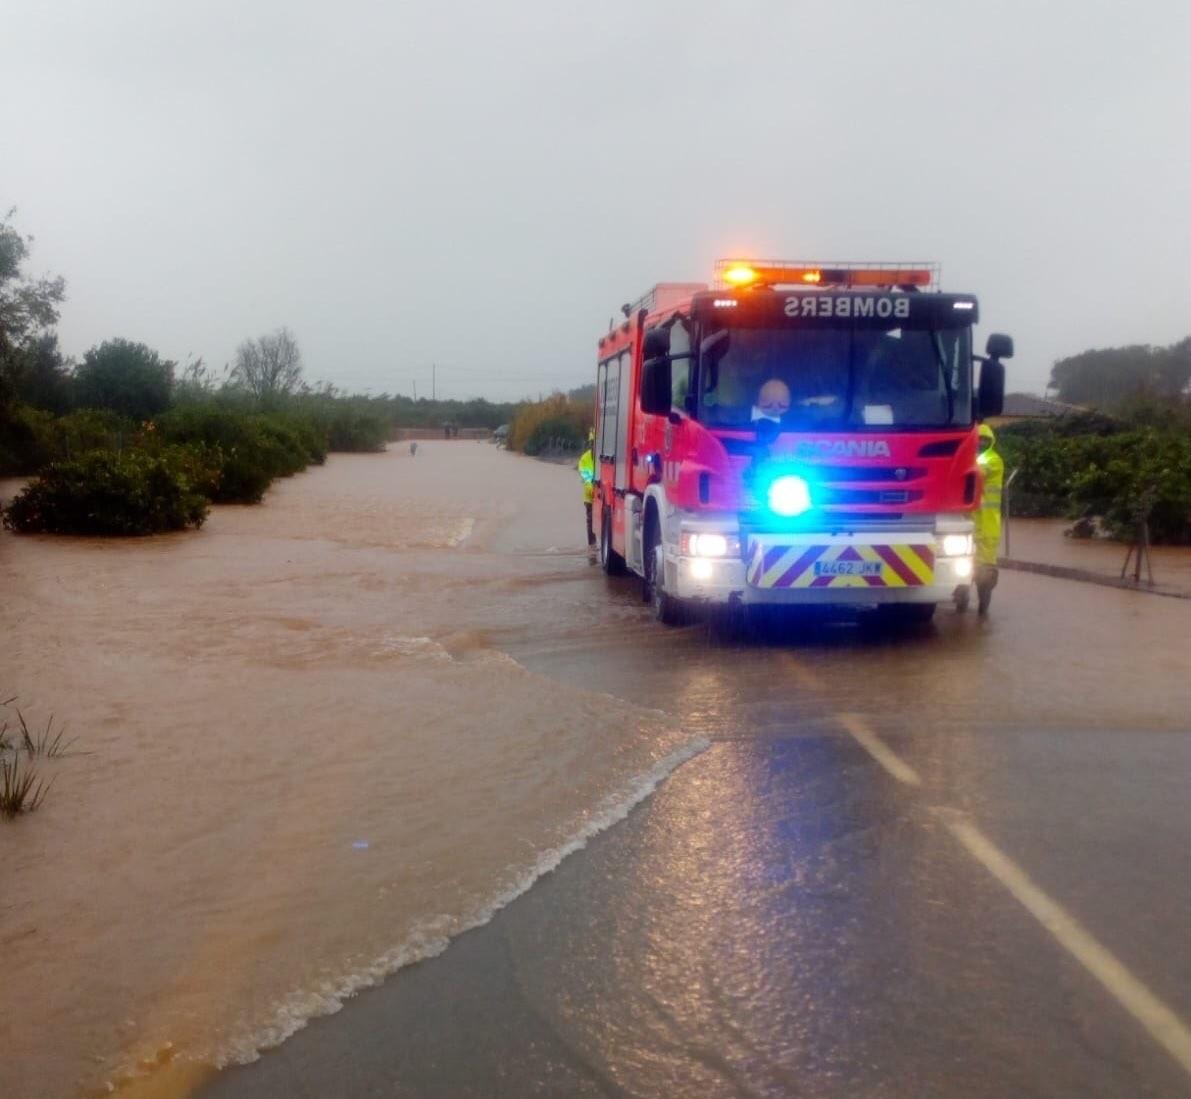 Se suspenden las clases en 16 municipios de la Comunitat y se cortan varias carreteras